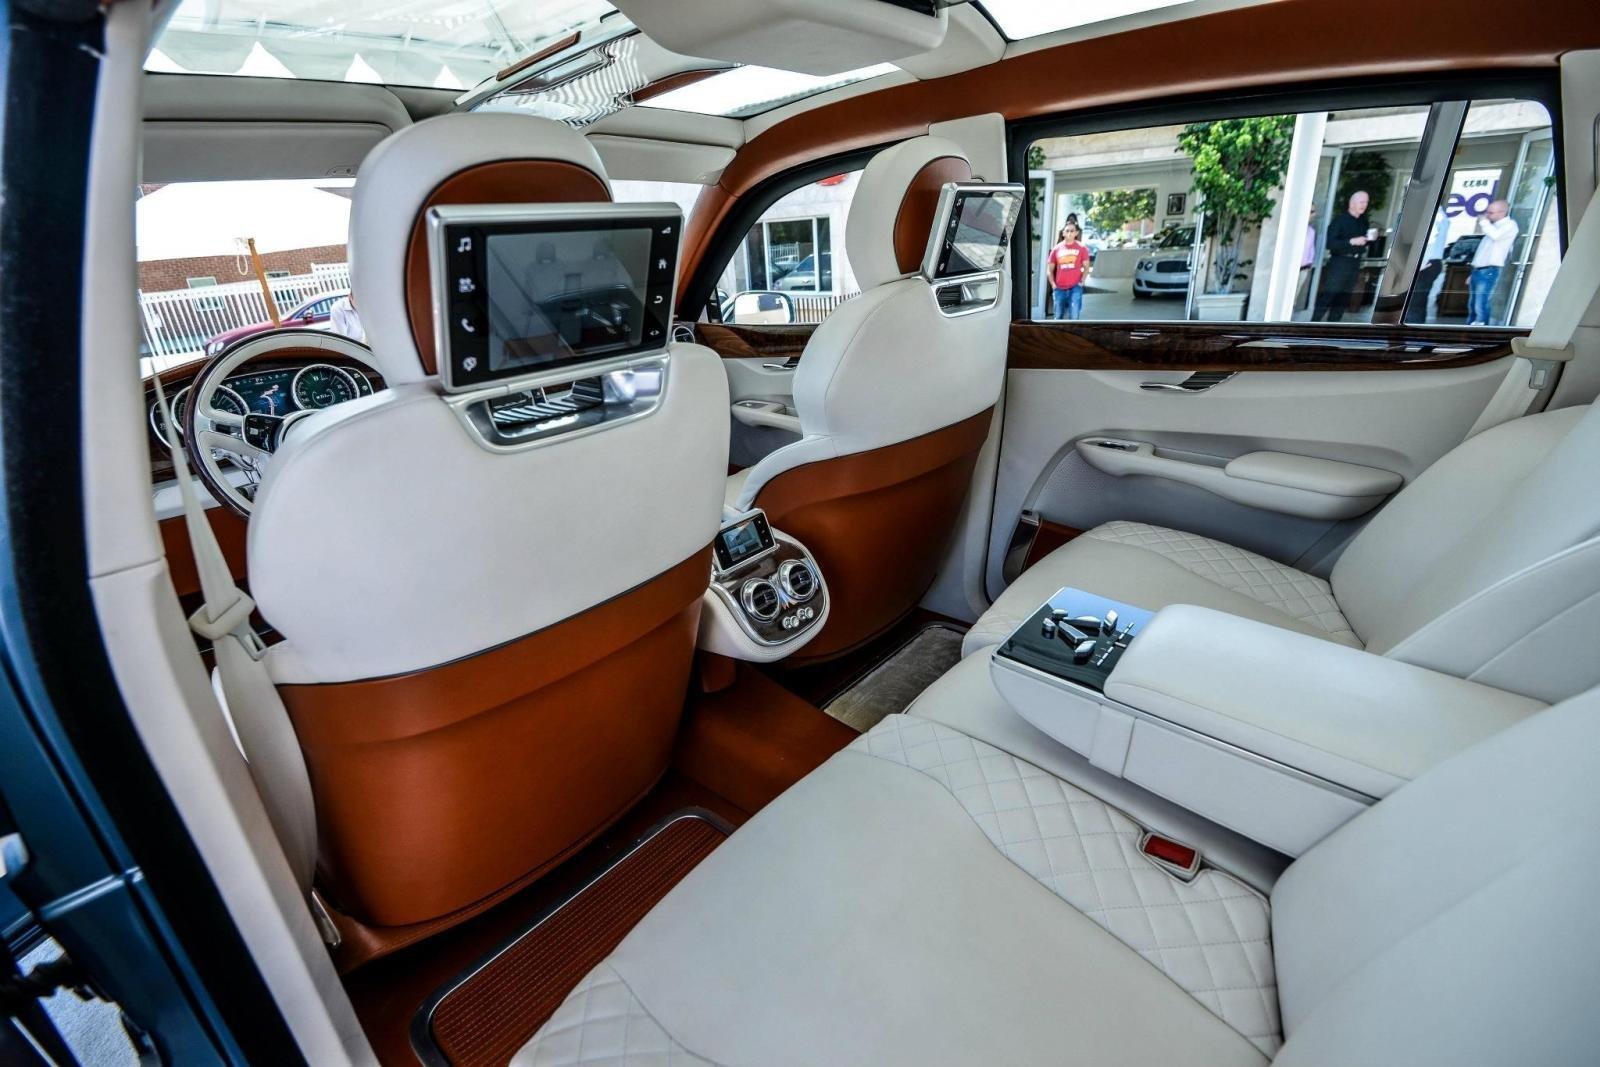 Những yếu tố cần xem xét khi lựa chọn nội thất ô tô - Độ thoải mái để an tọa